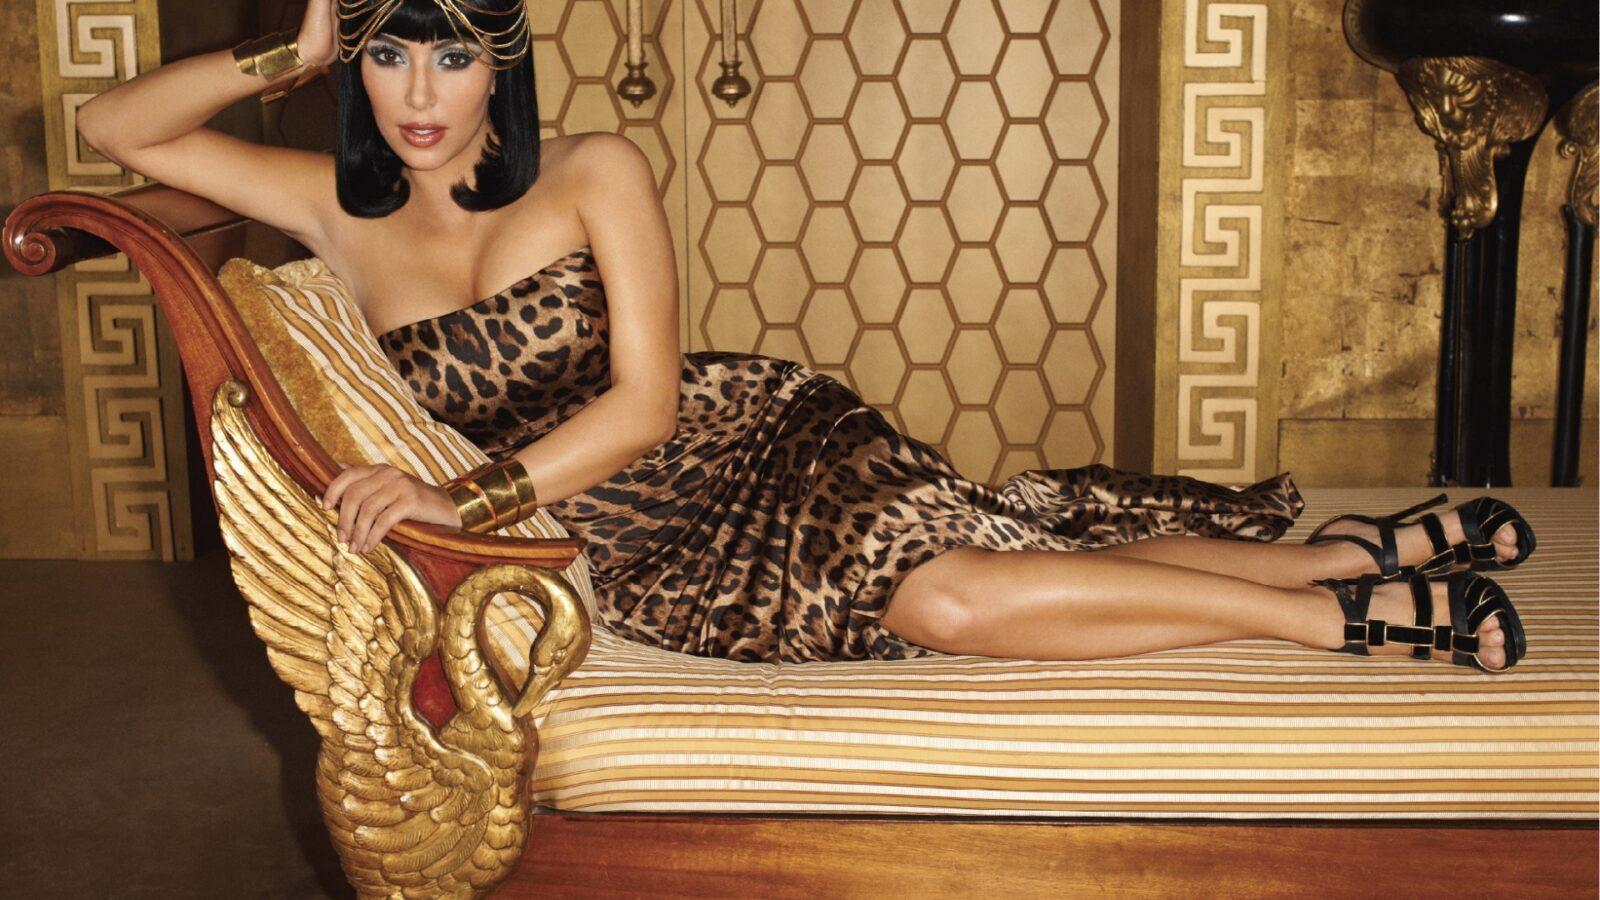 Смотреть секс с царицей, Джессика - императрица похоти (с русским переводом) 20 фотография